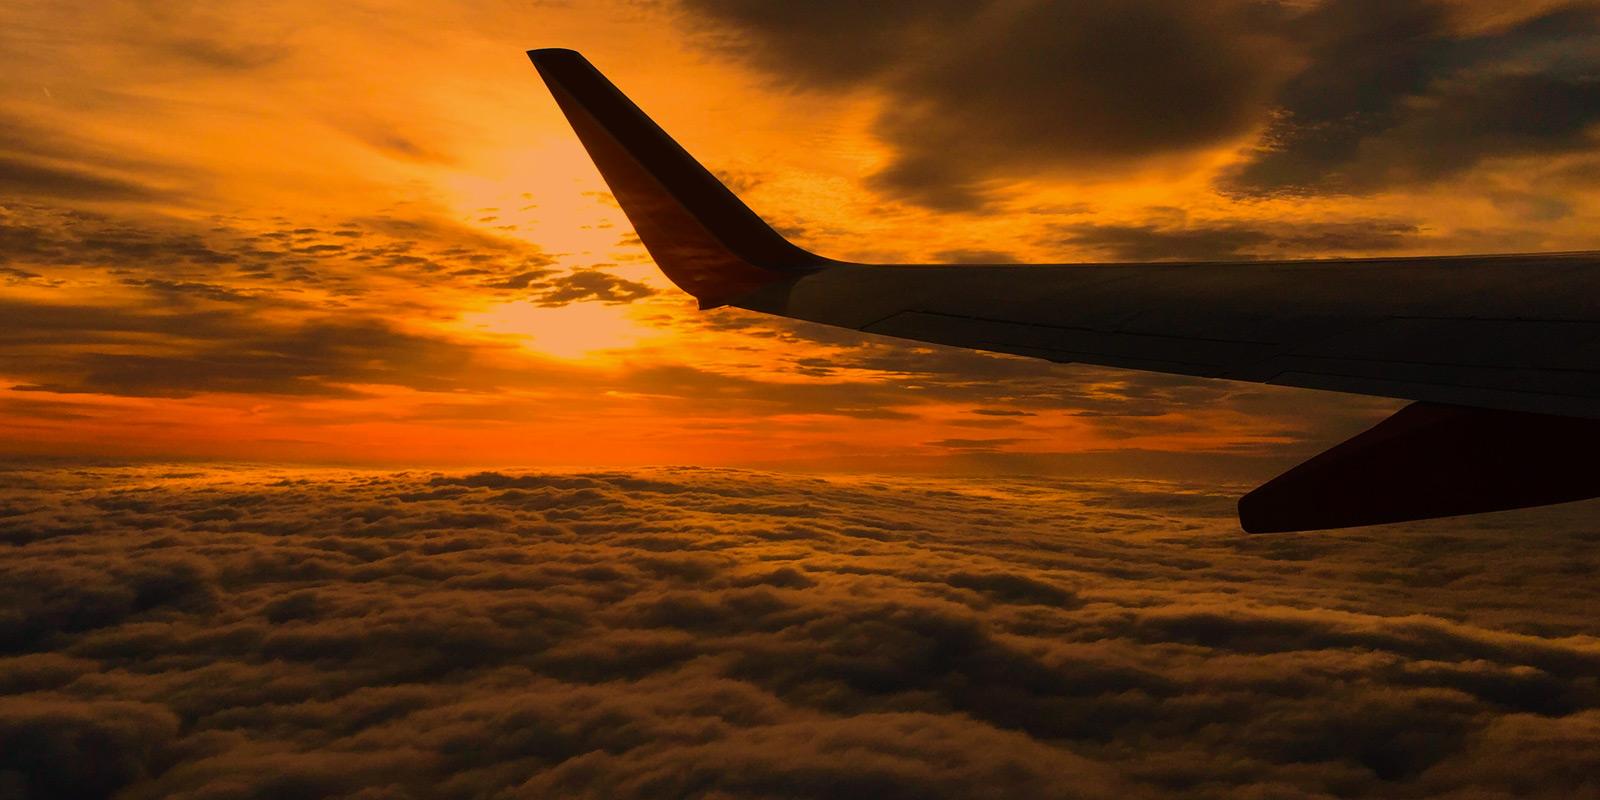 梦见一条大黑龙在空中盘旋 梦到一条黑龙天上盘旋